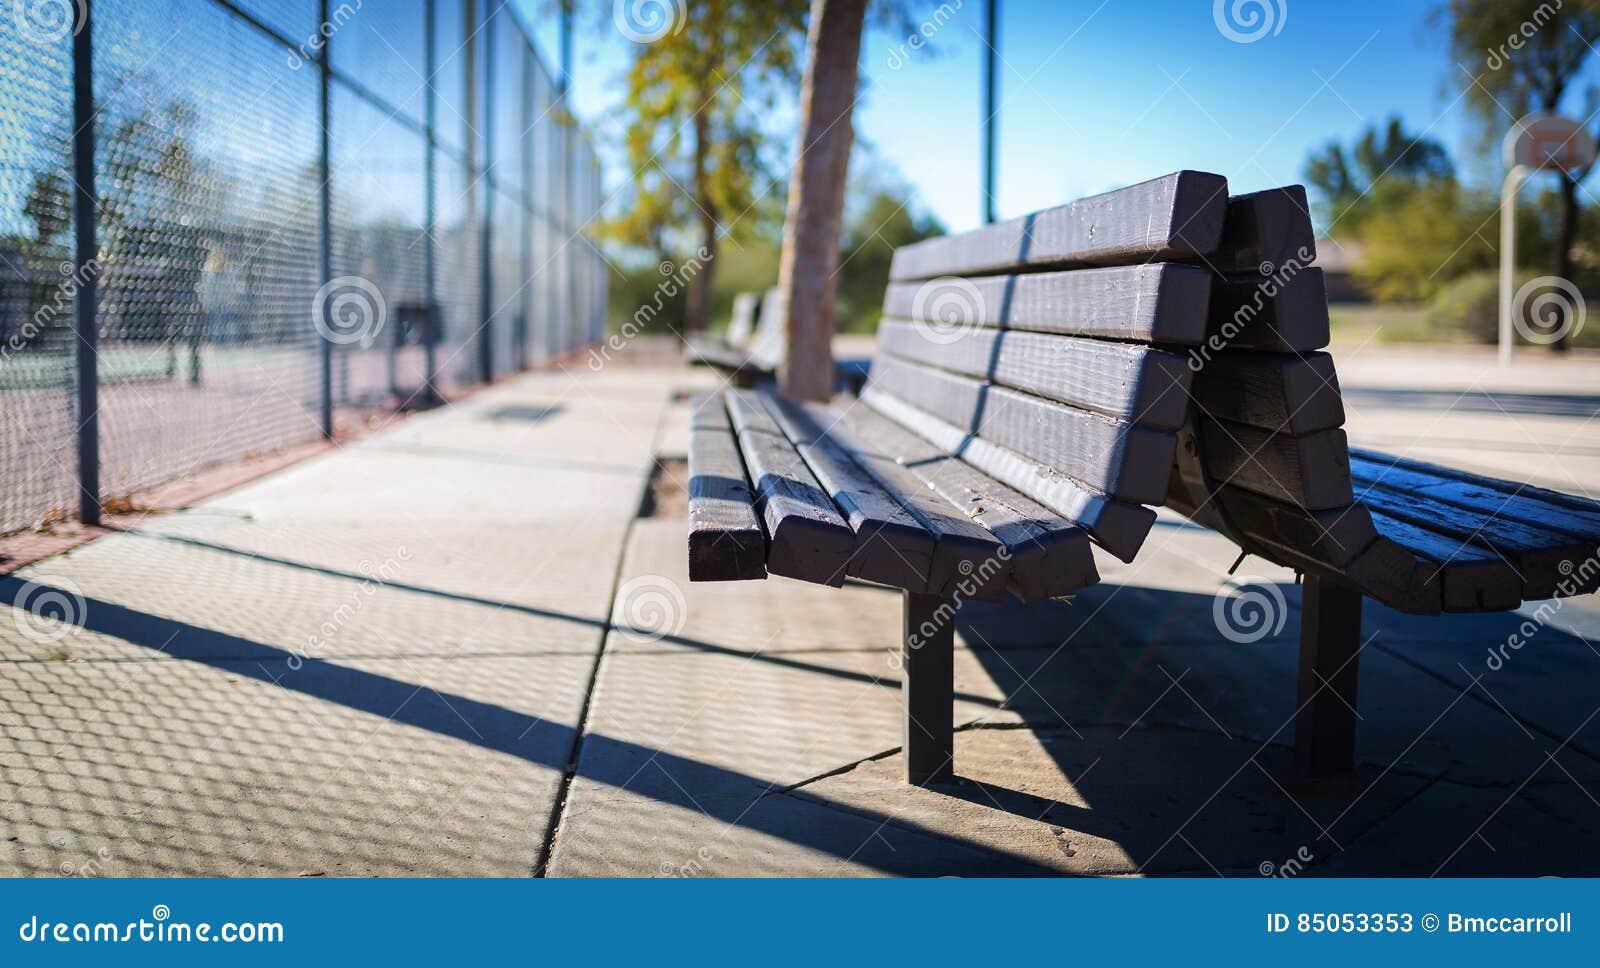 Banc en bois aux courts de tennis